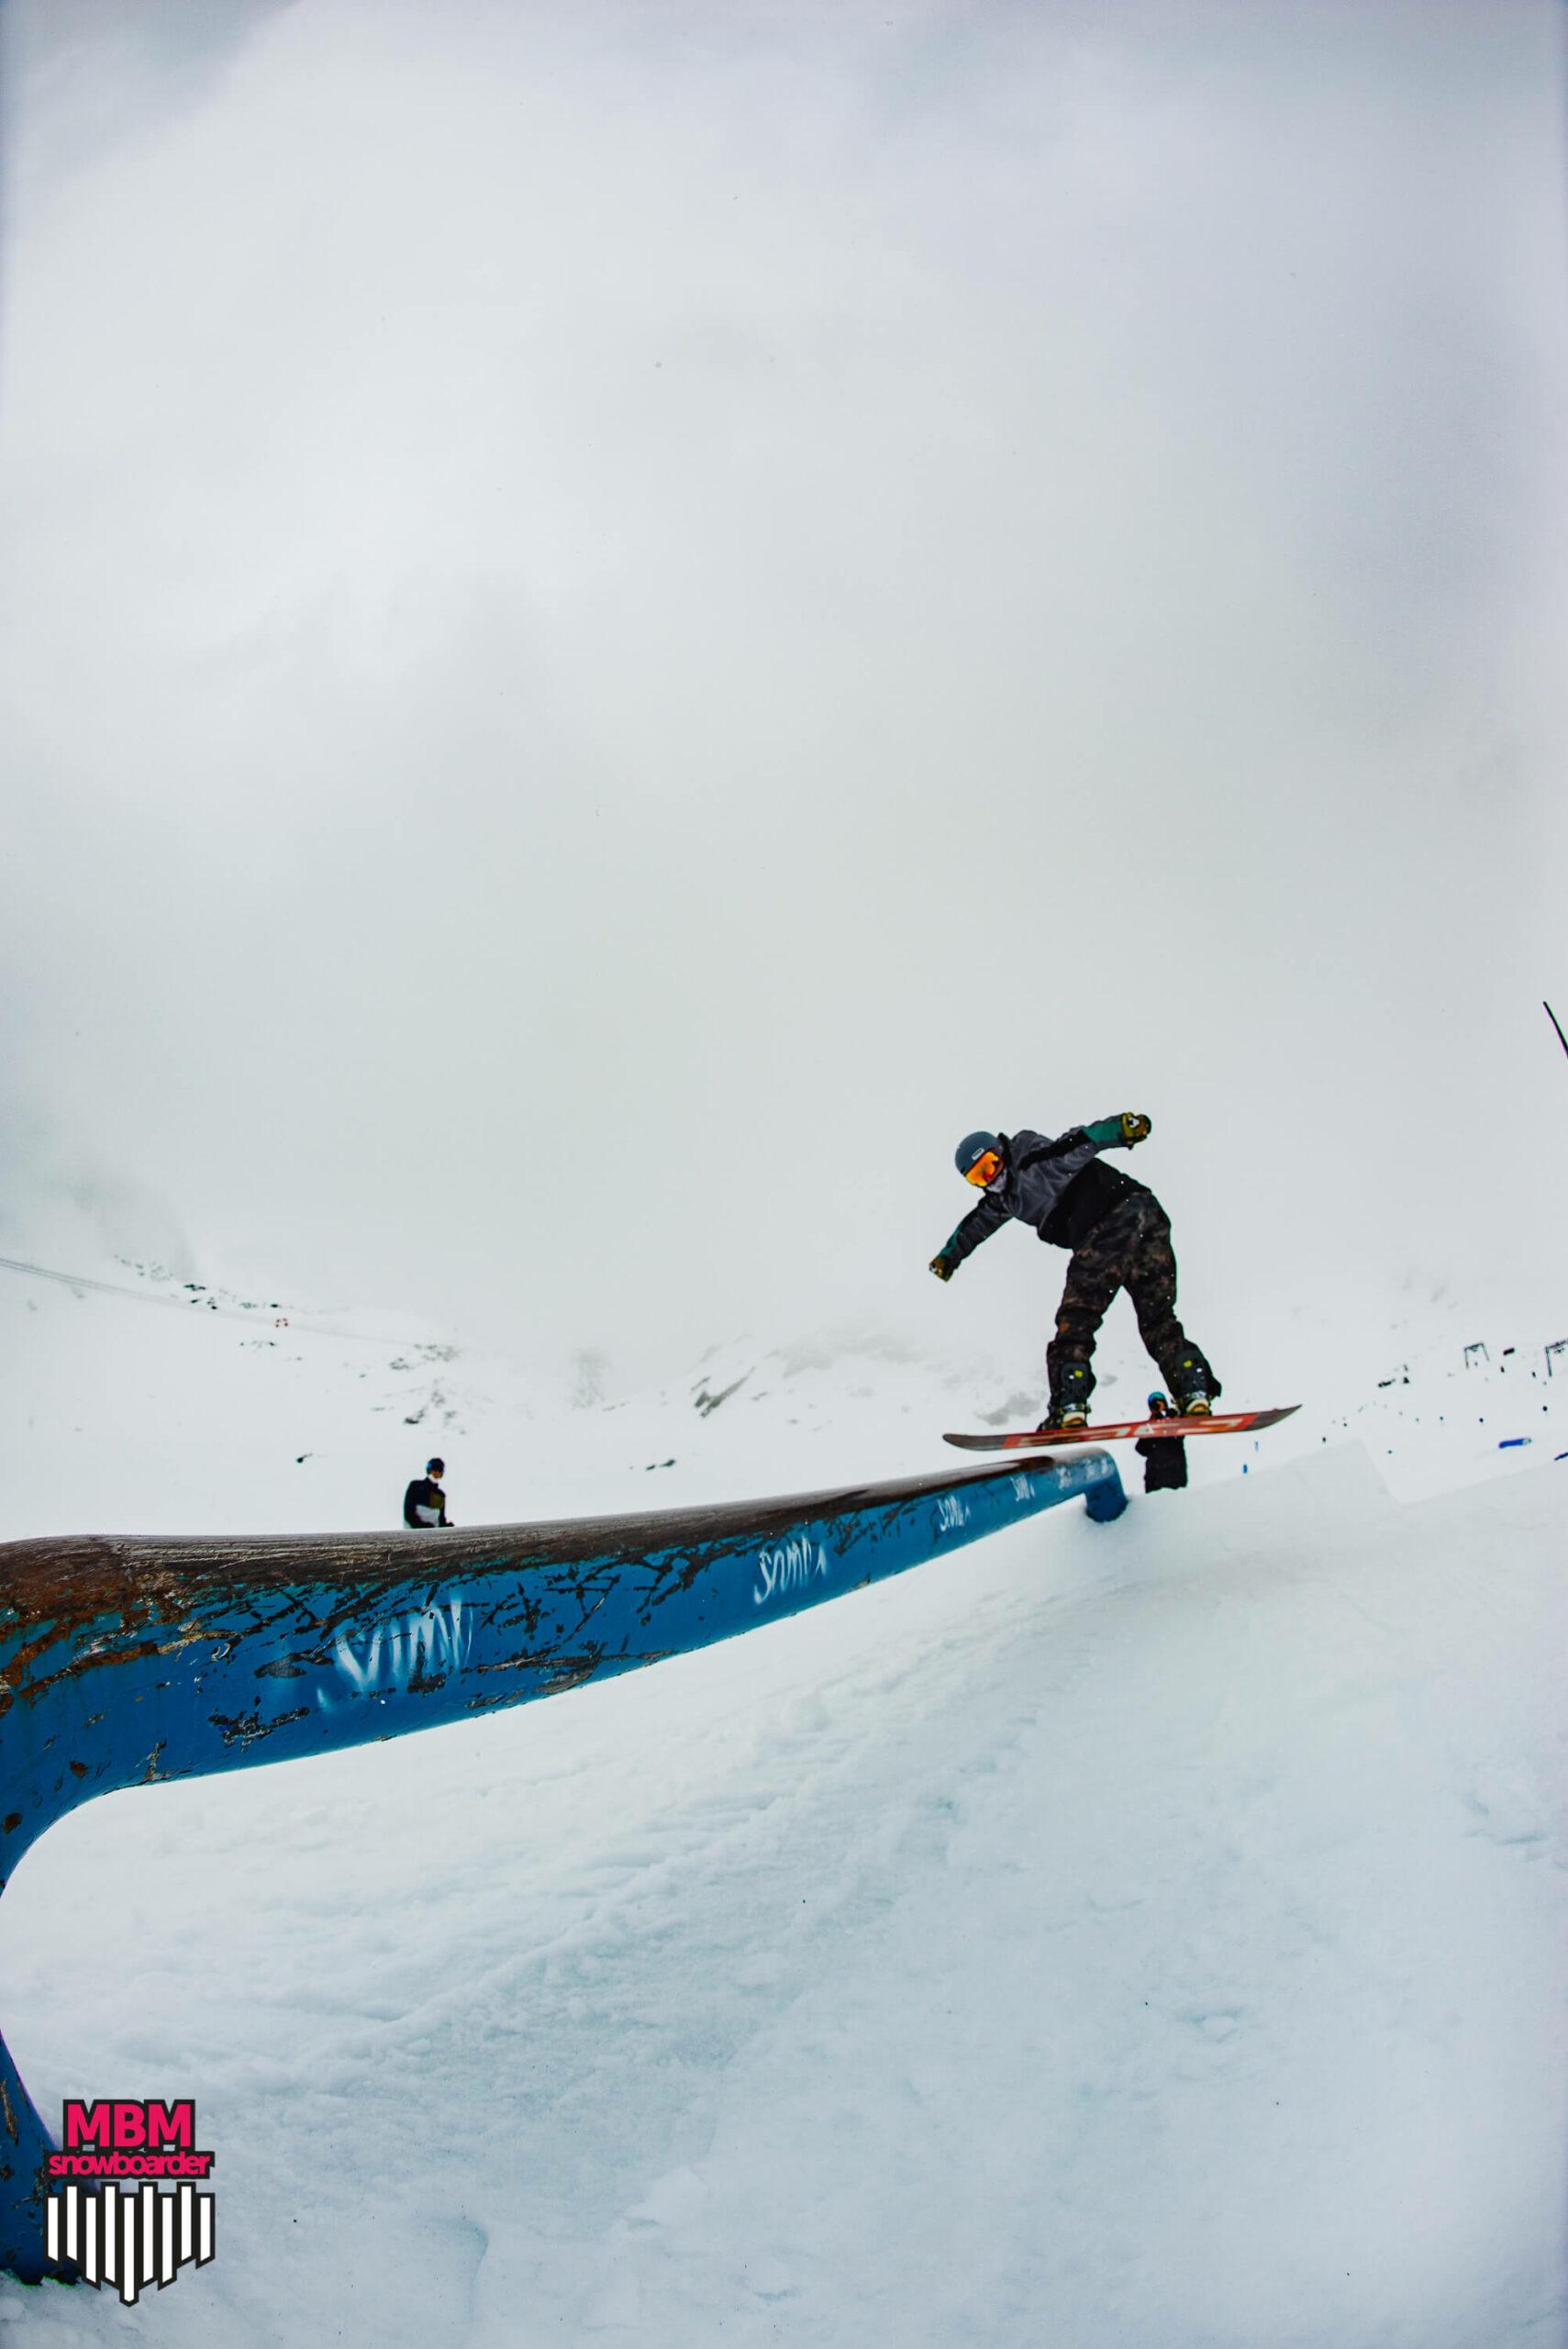 snowboarderMBM_sd_kaunertal_089